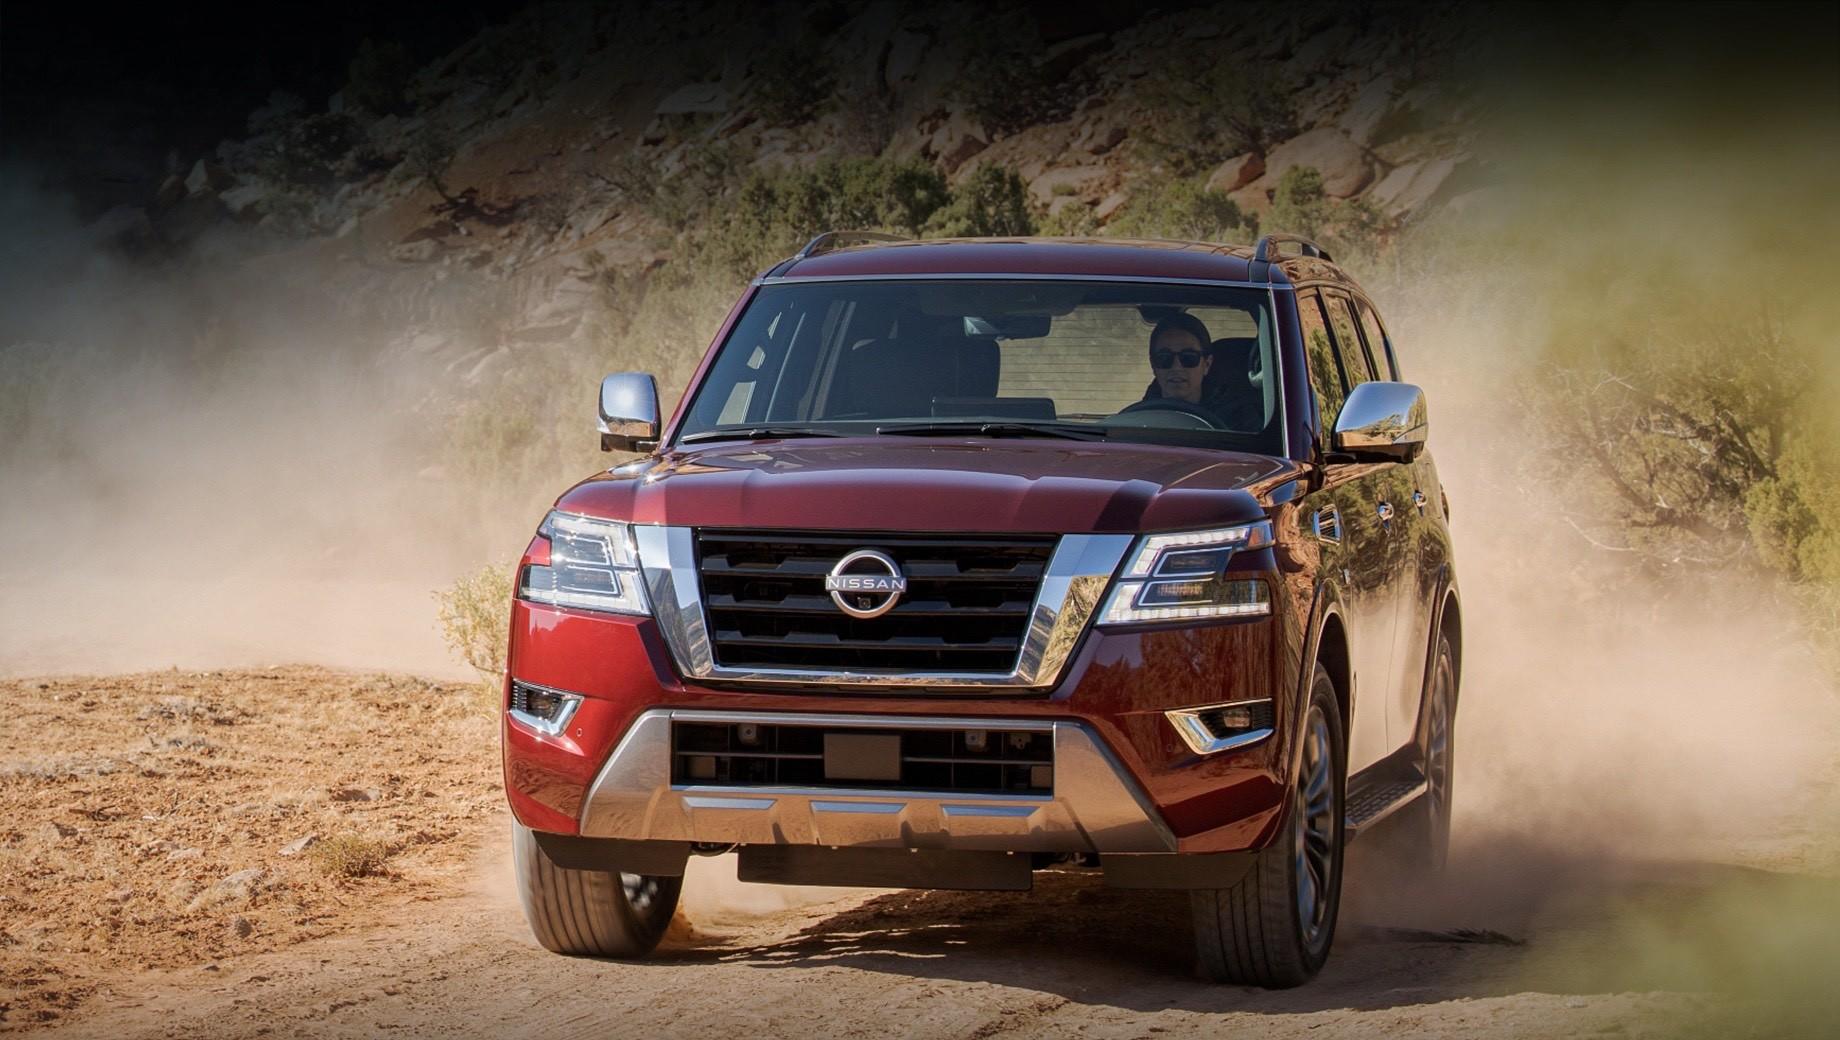 Nissan armada,Nissan patrol. Все Армады оснащаются комплексом Nissan Safety Shield 360, в который входят адаптивный круиз-контроль, работающий на любой скорости, системы автоторможения с детекцией пешеходов, слежения за слепыми зонами, удержания в полосе движения и мониторинга состояния водителя.